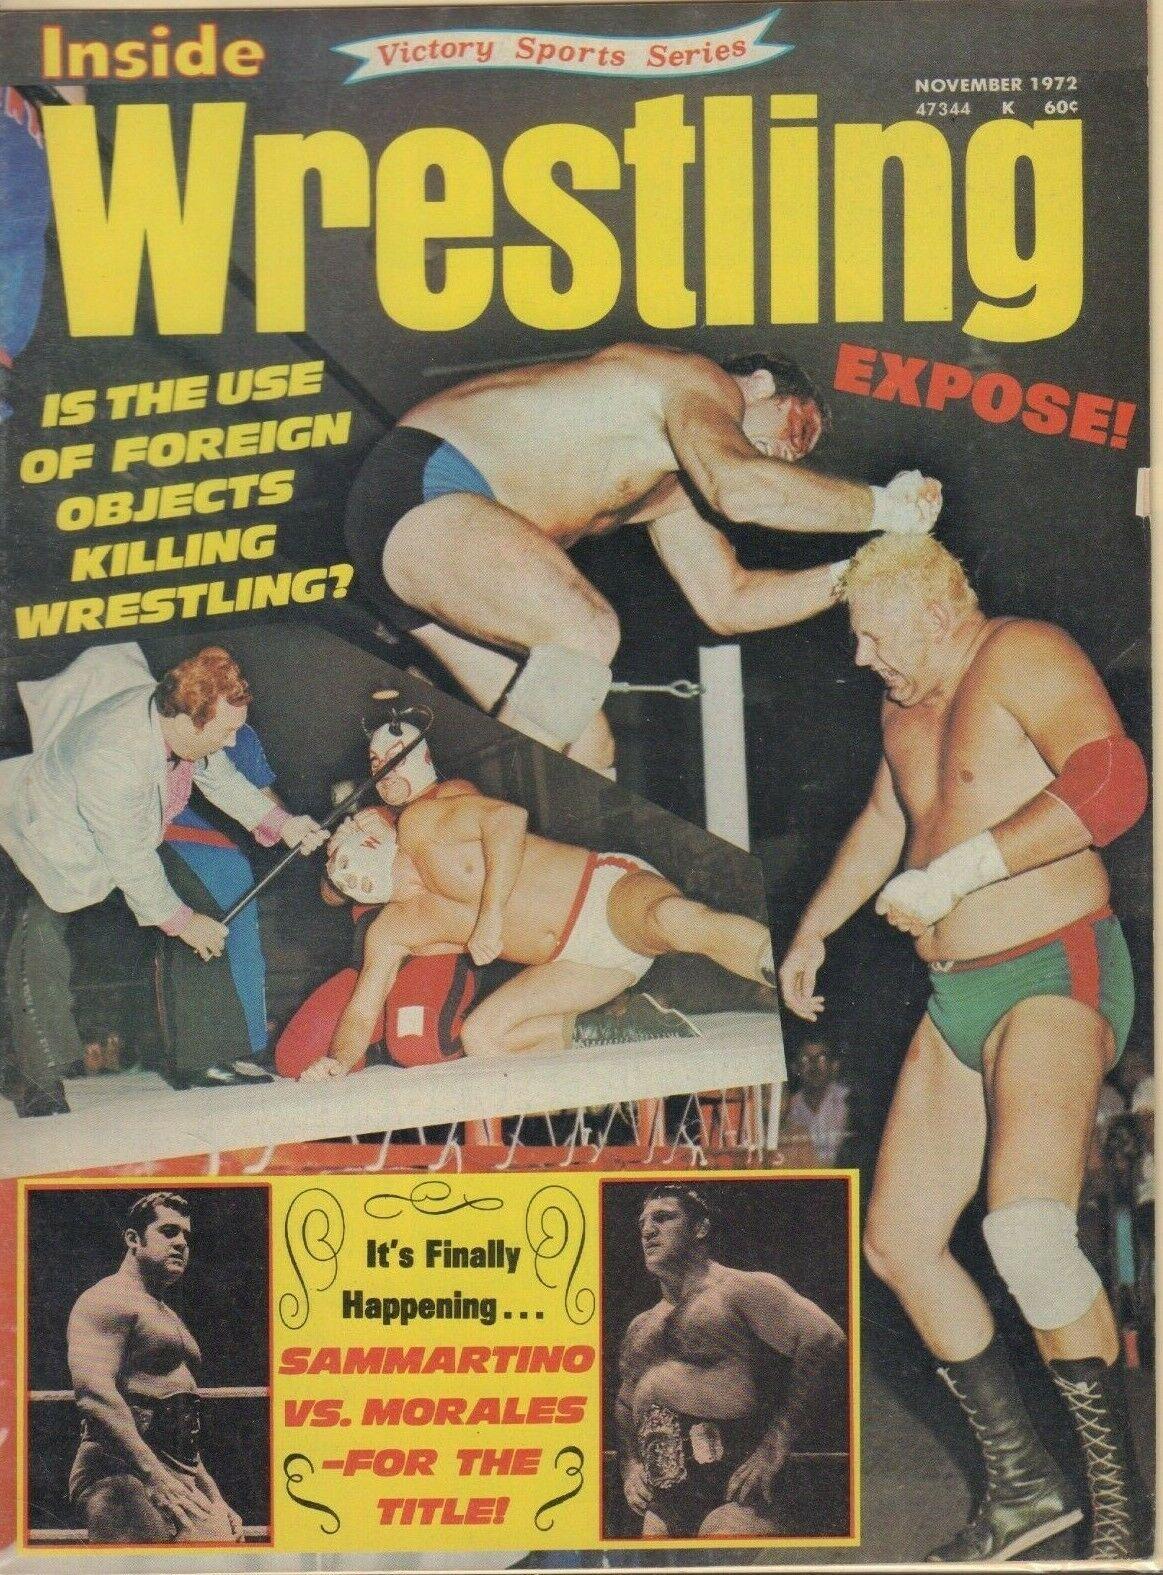 Inside Wrestling - November 1972